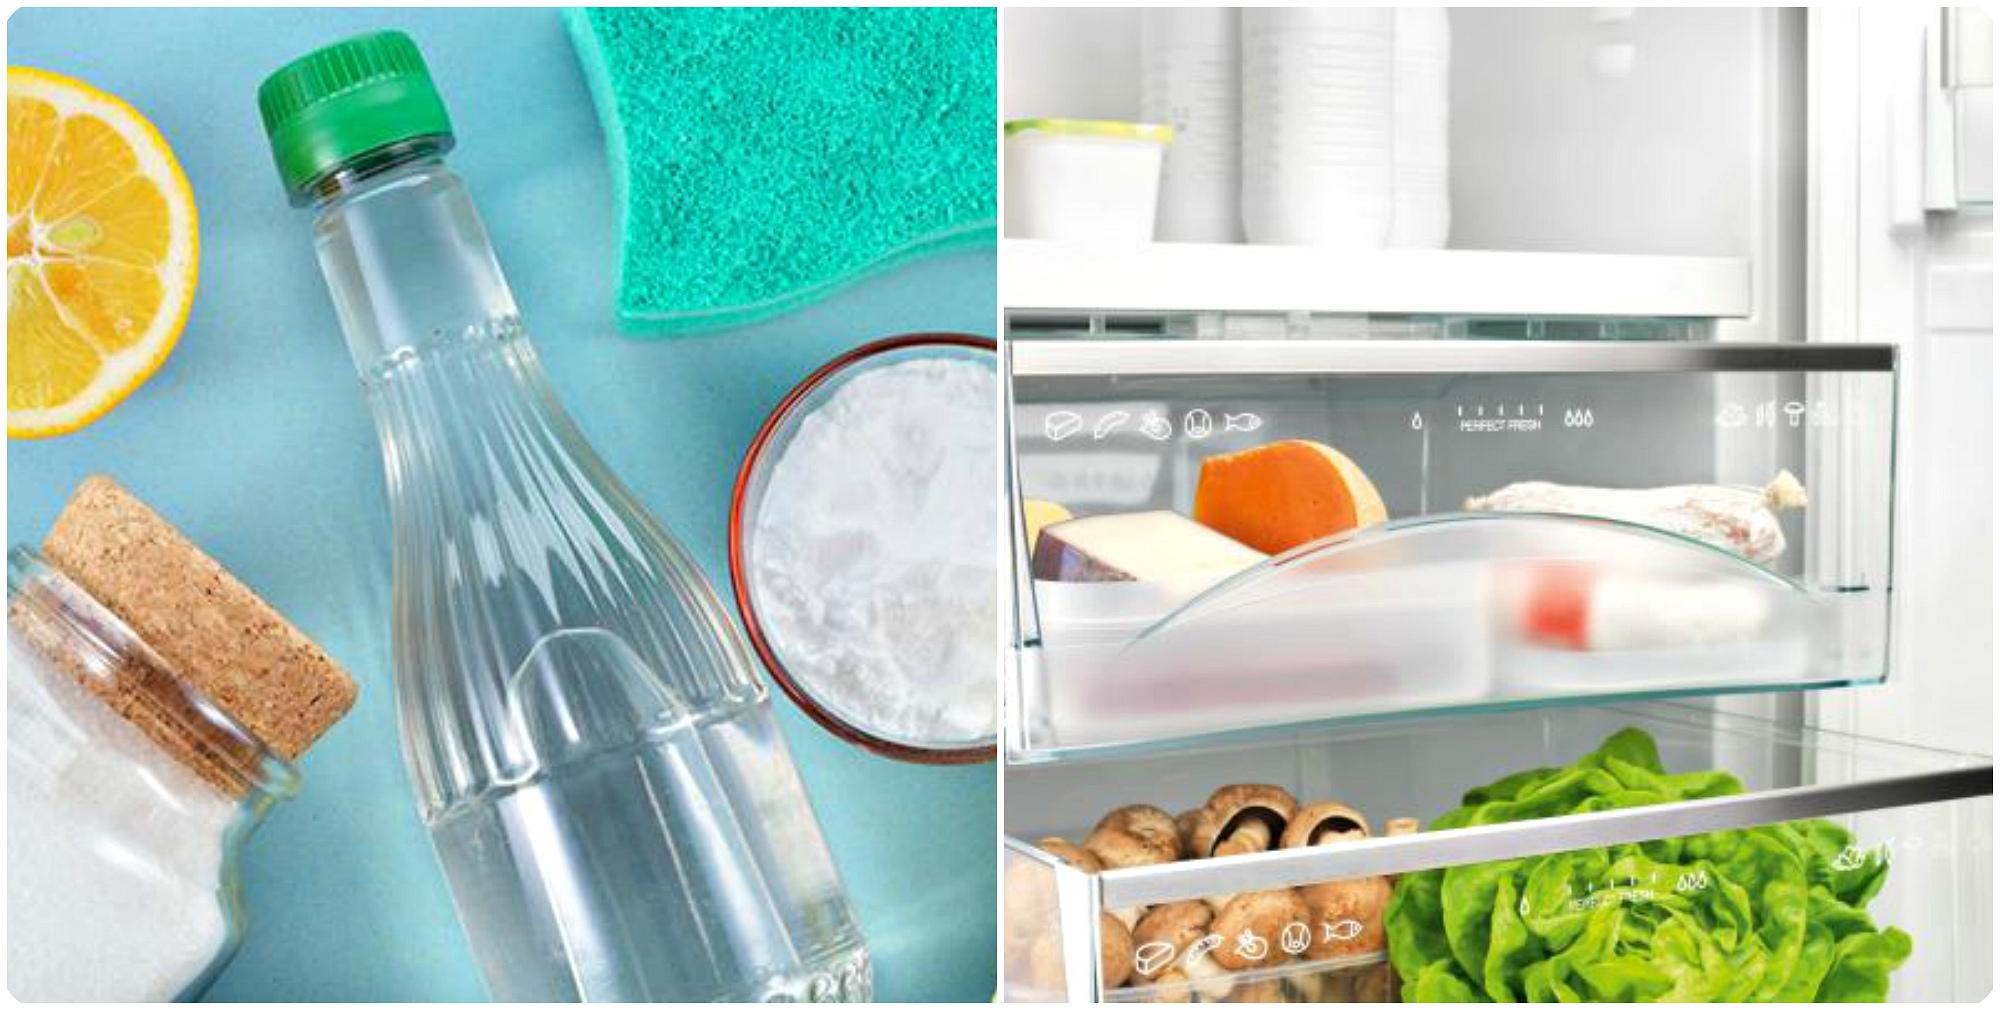 рекомендации по уходу за холодильником